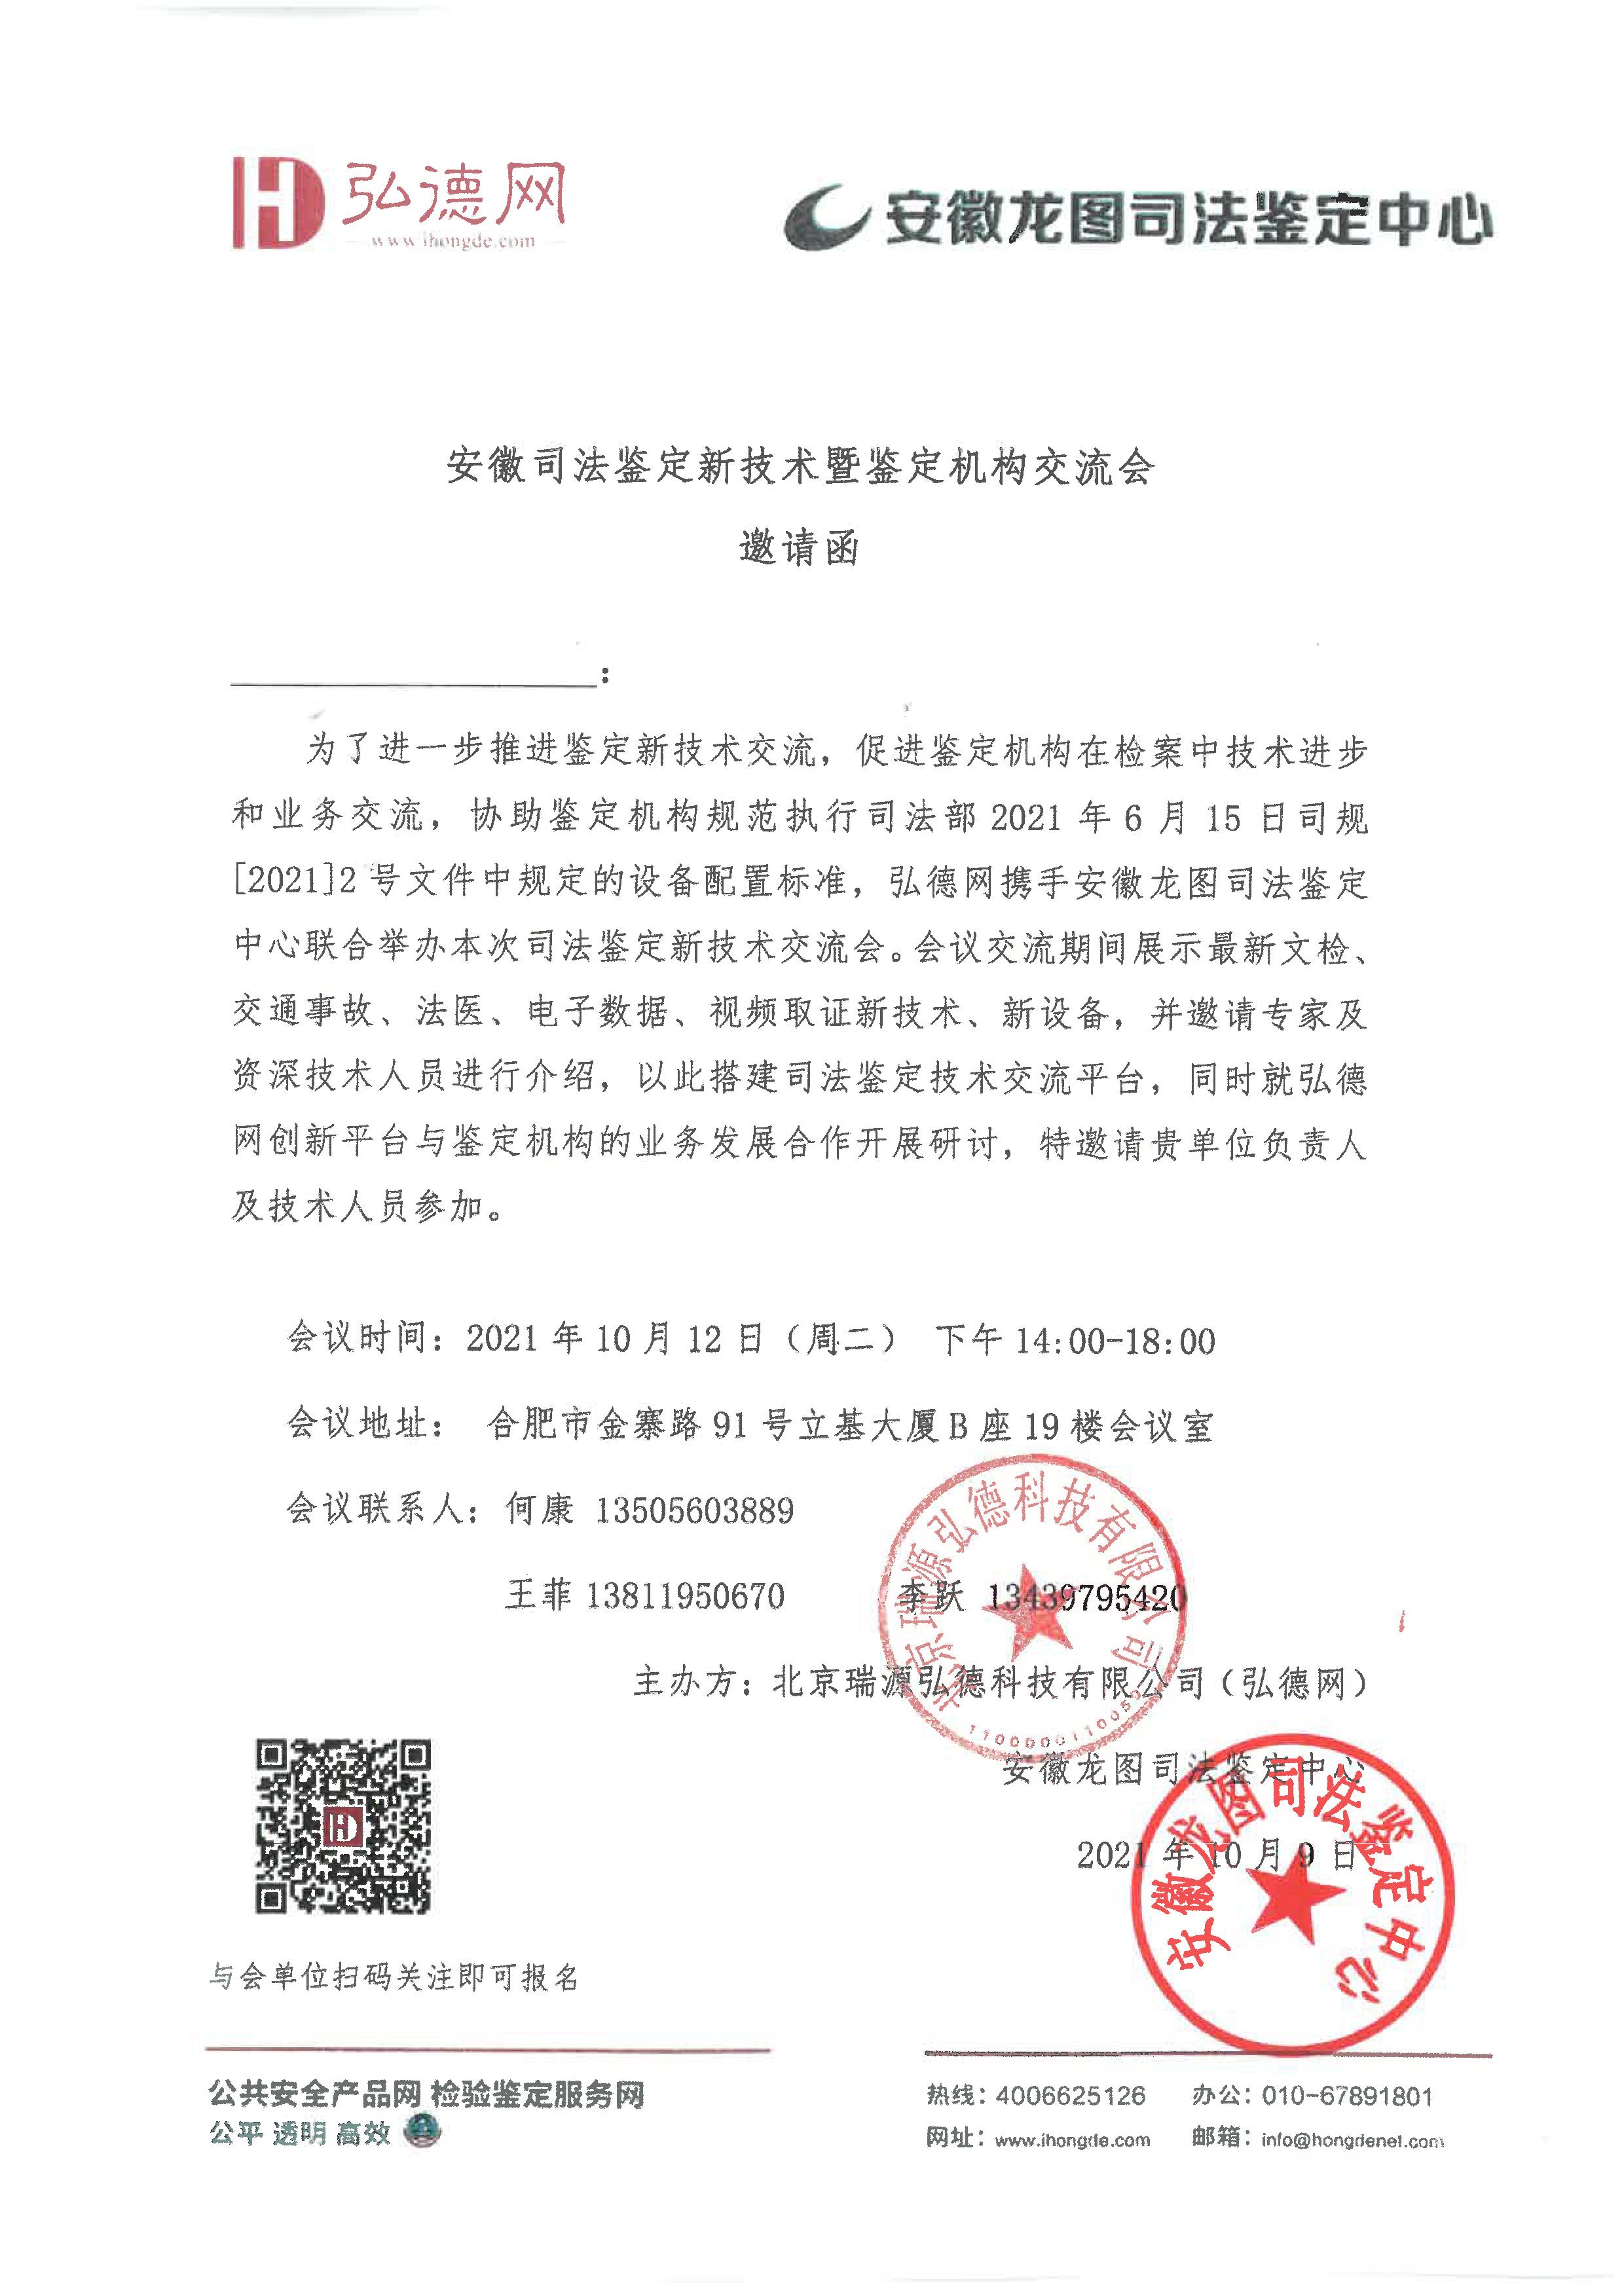 安徽司法鉴定新技术暨鉴定机构交流会邀请函-01.jpg